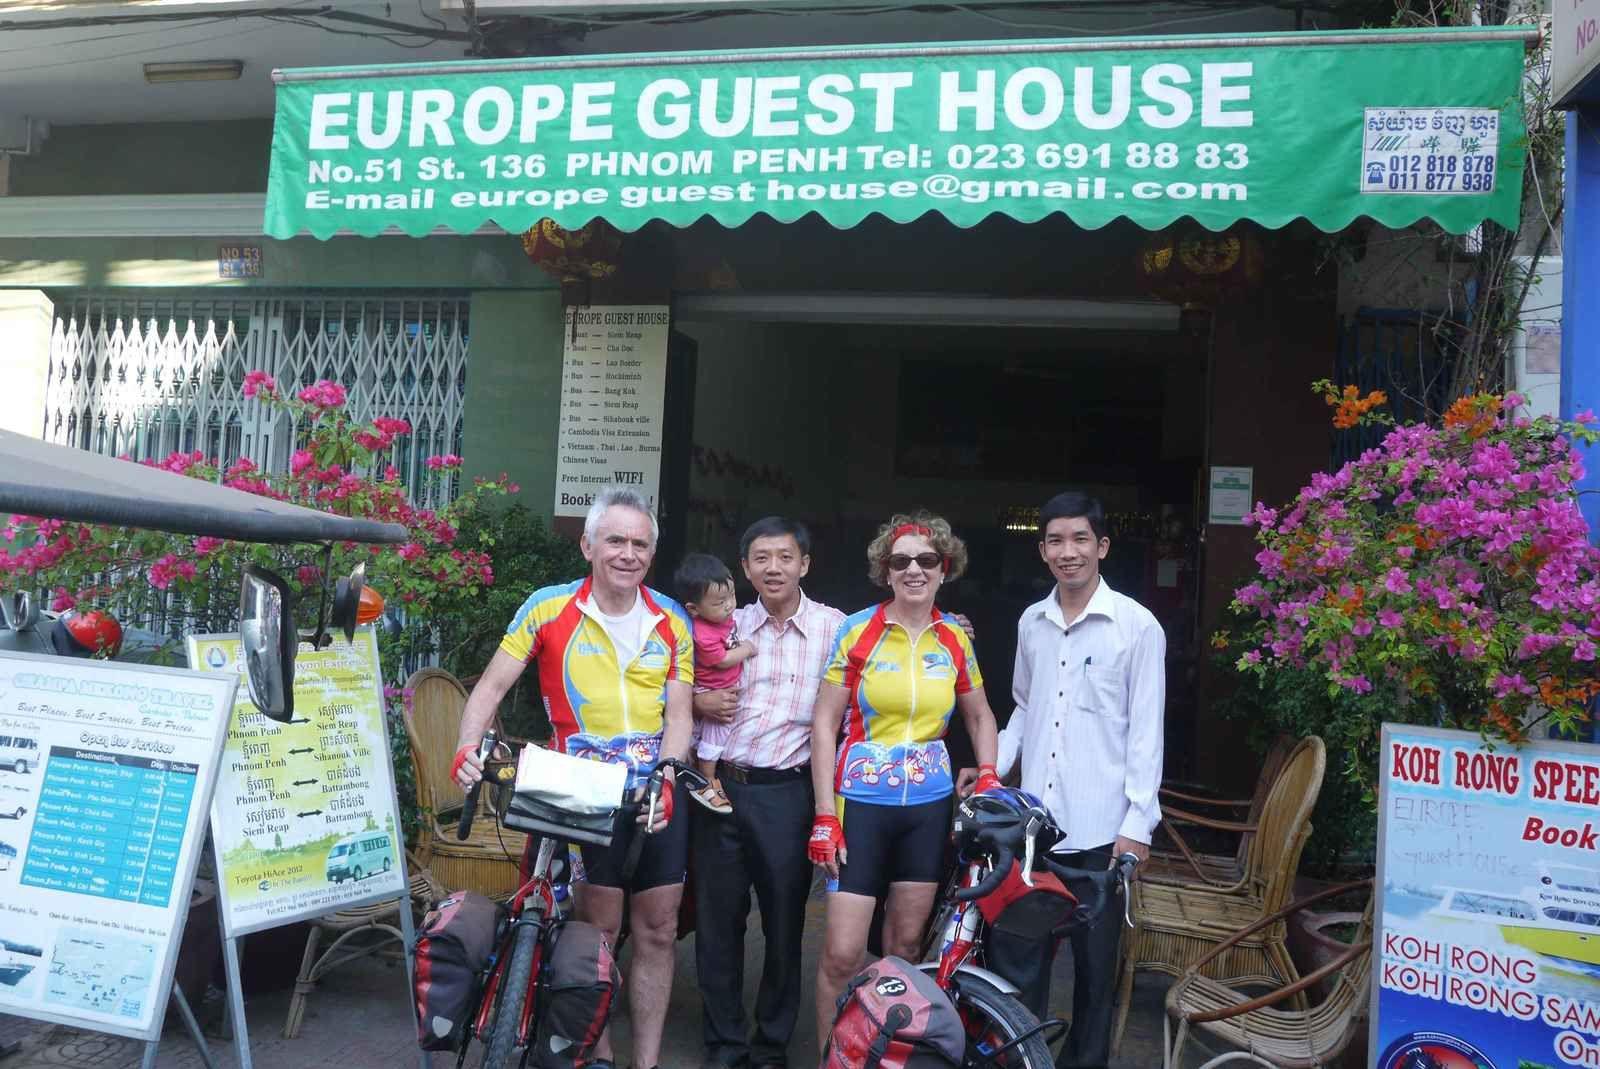 La direction de « Europe Guest House » parle très bien français